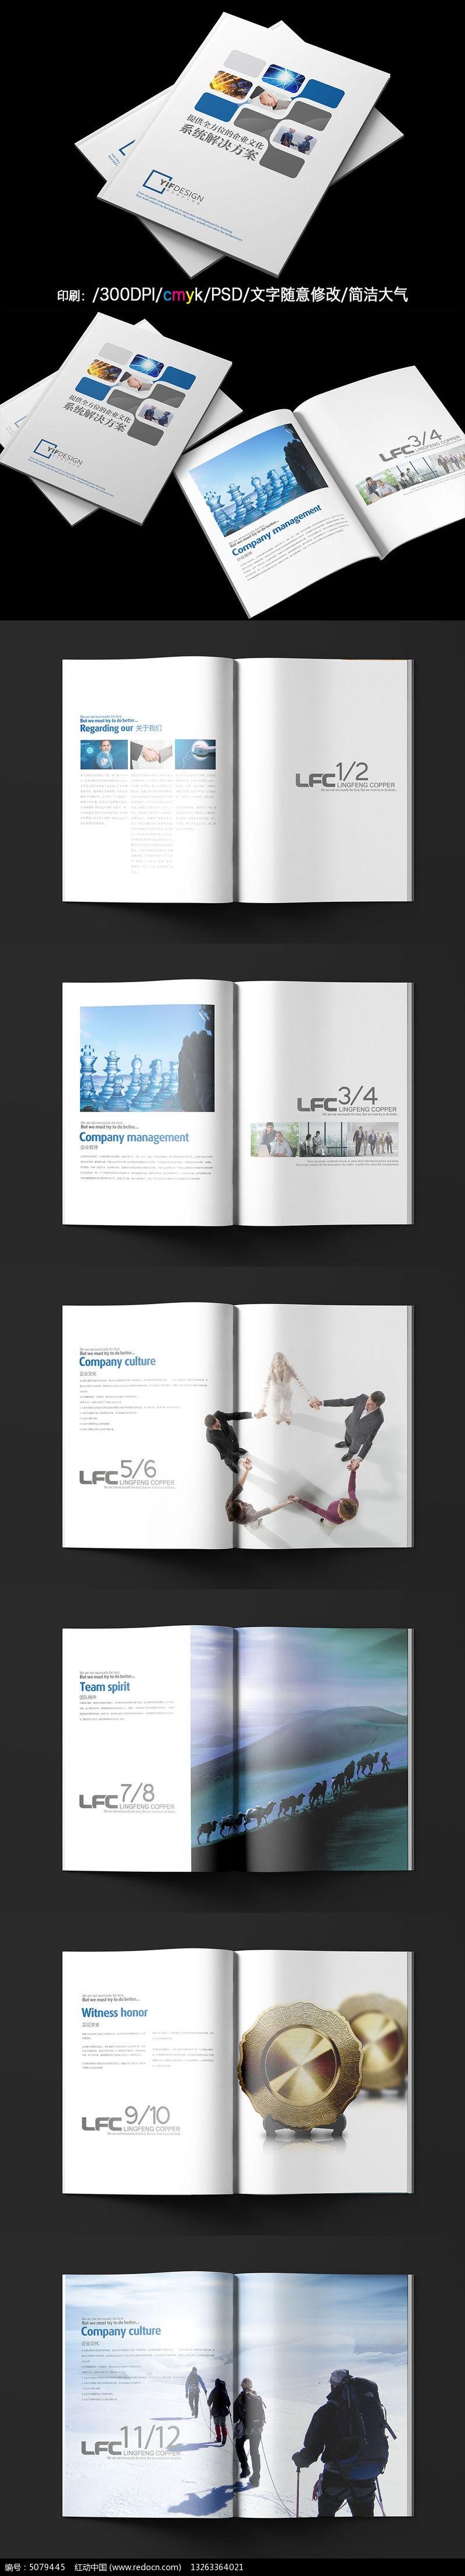 蓝色简约企业画册设计图片